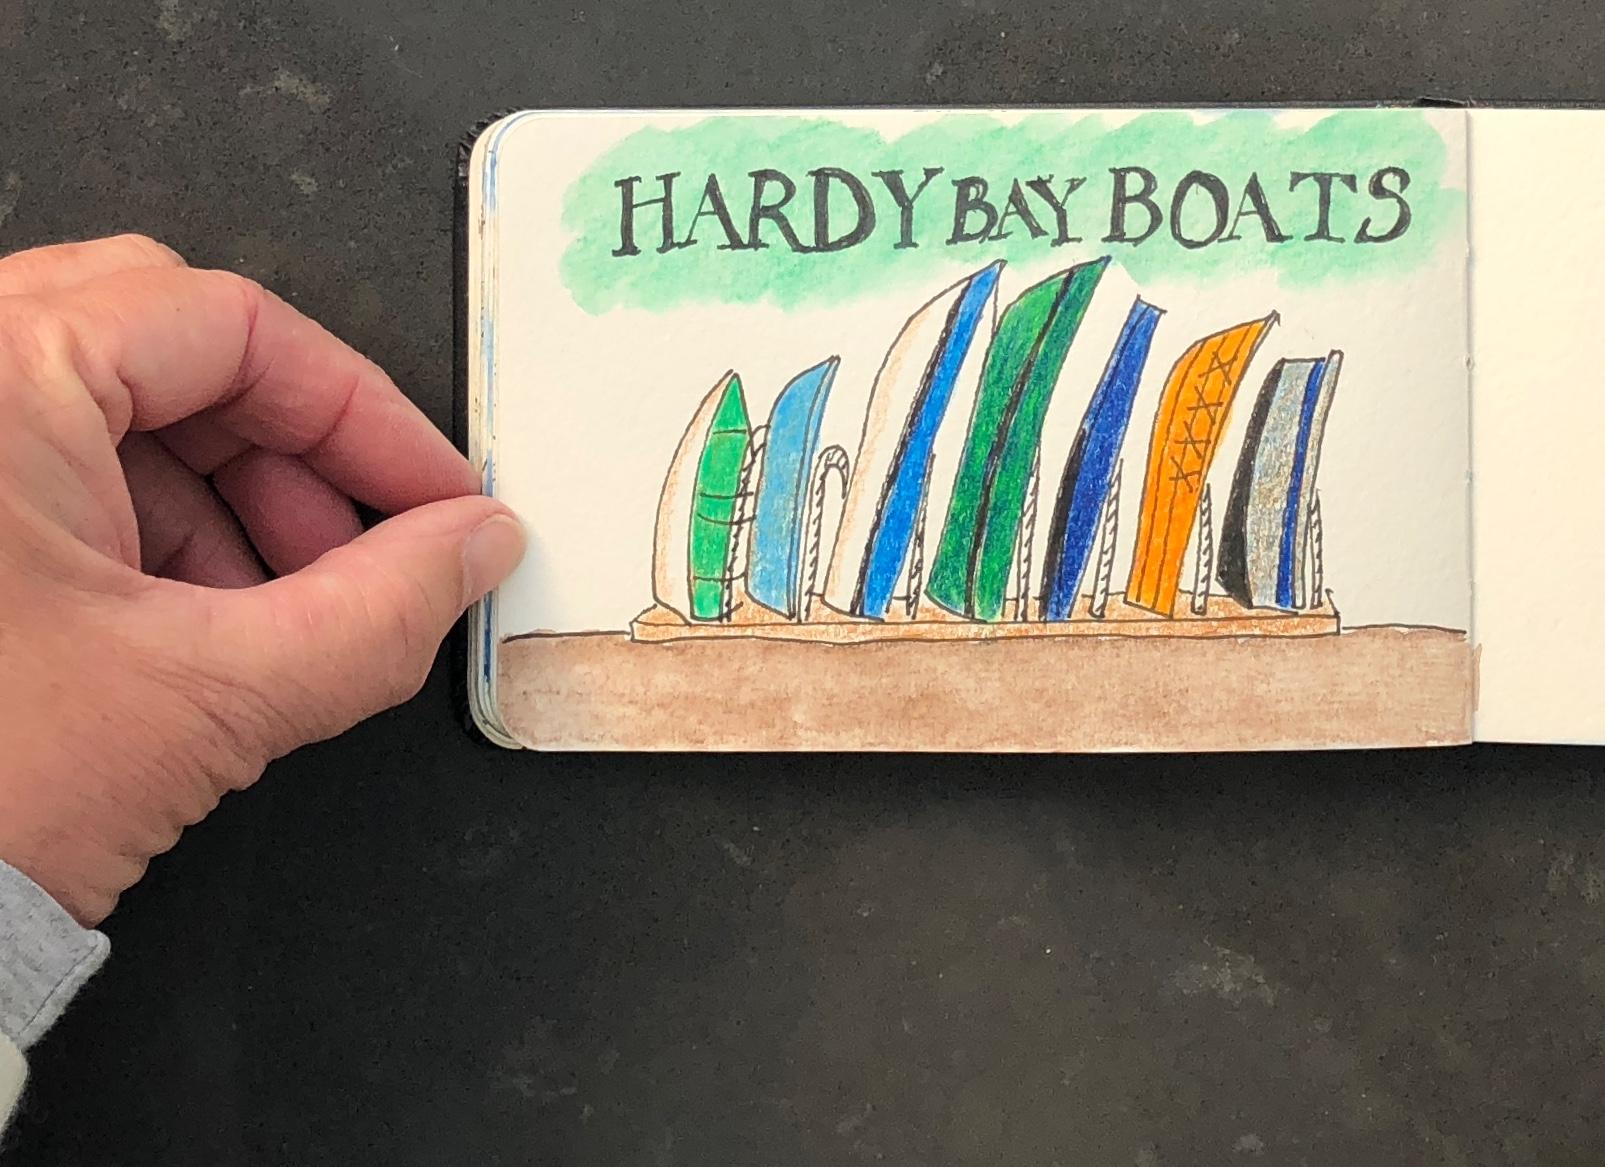 Hardy's Bay boats